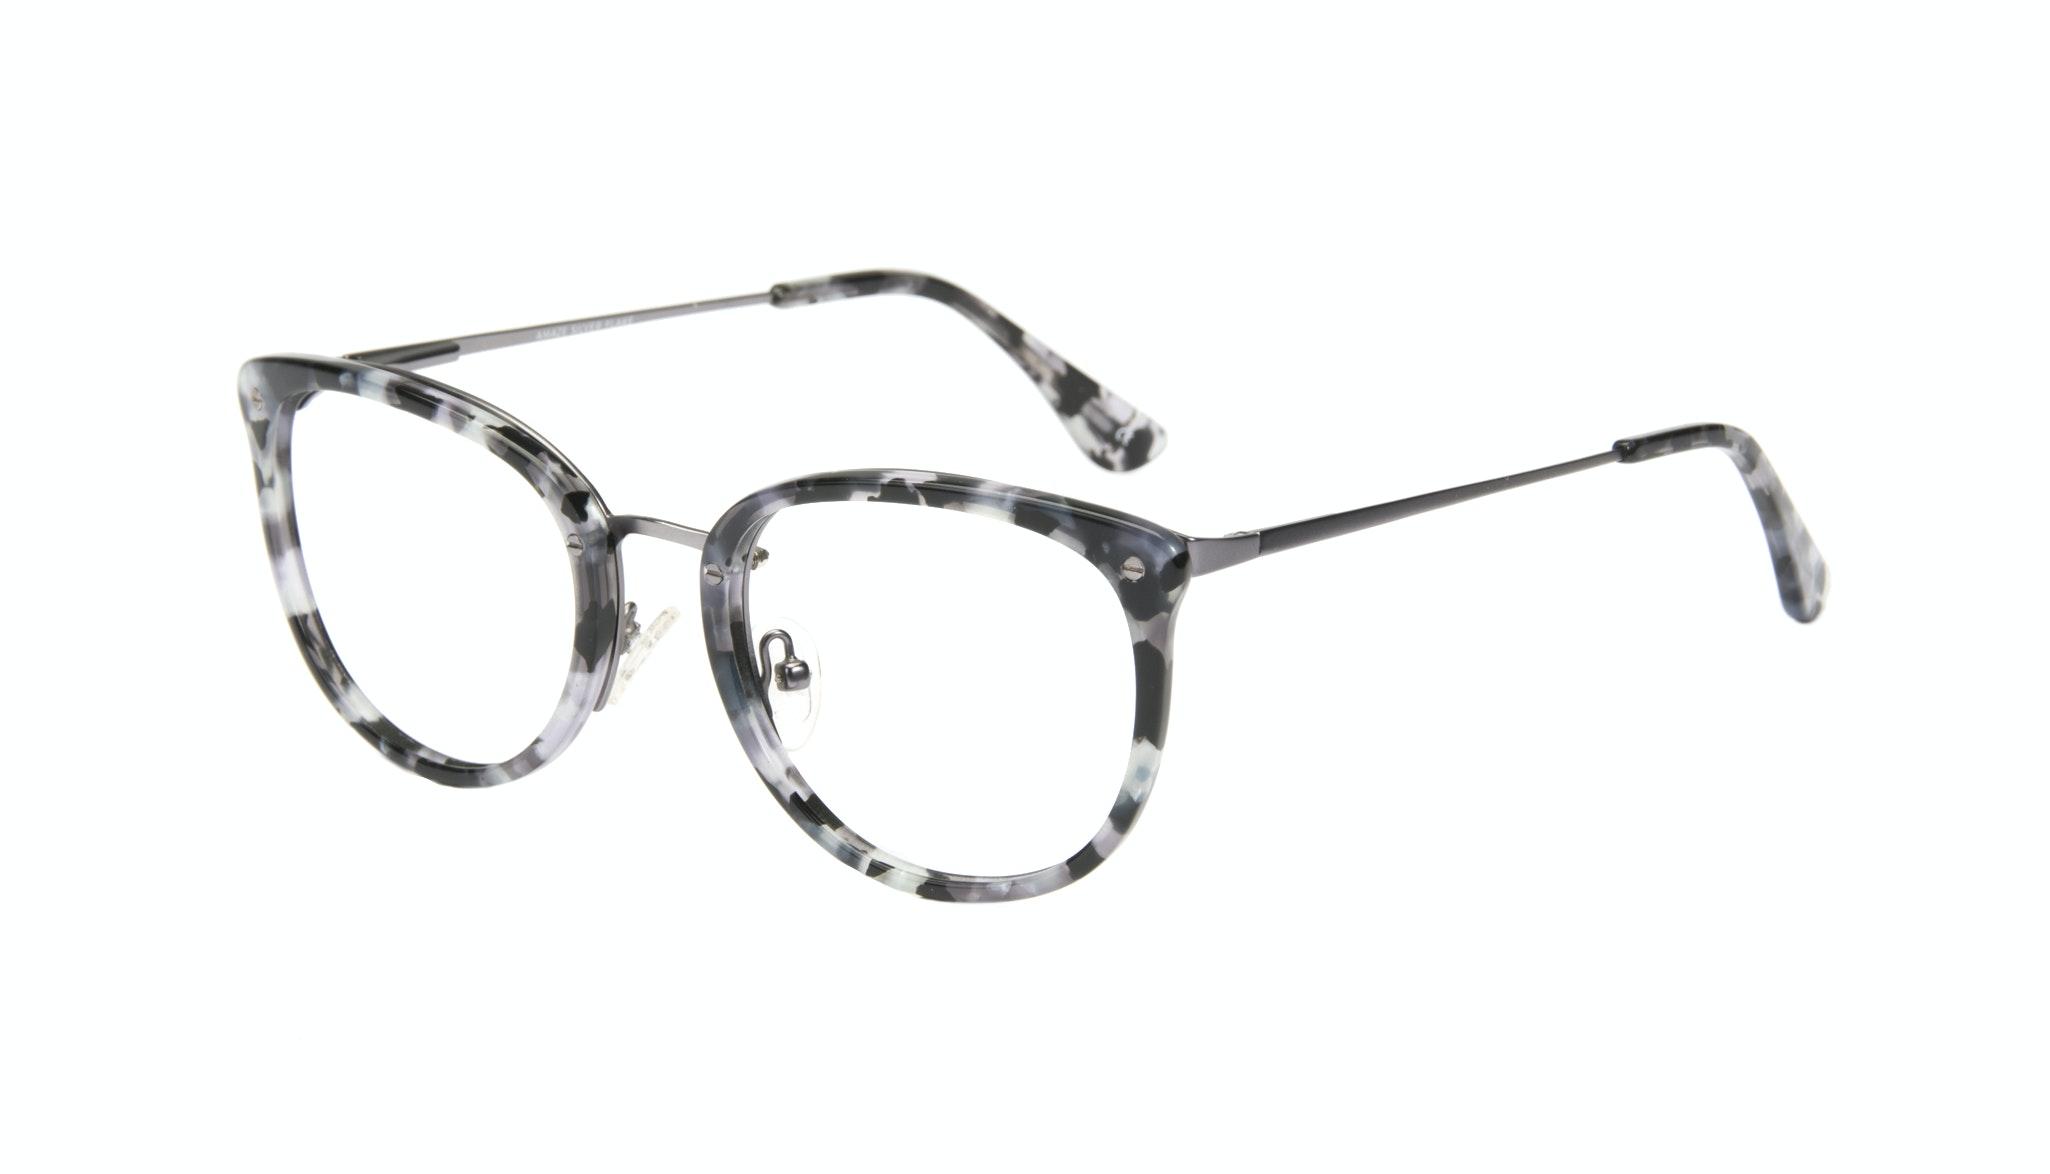 Lunettes tendance Carrée Ronde Lunettes de vue Femmes Amaze Silver Flake Incliné